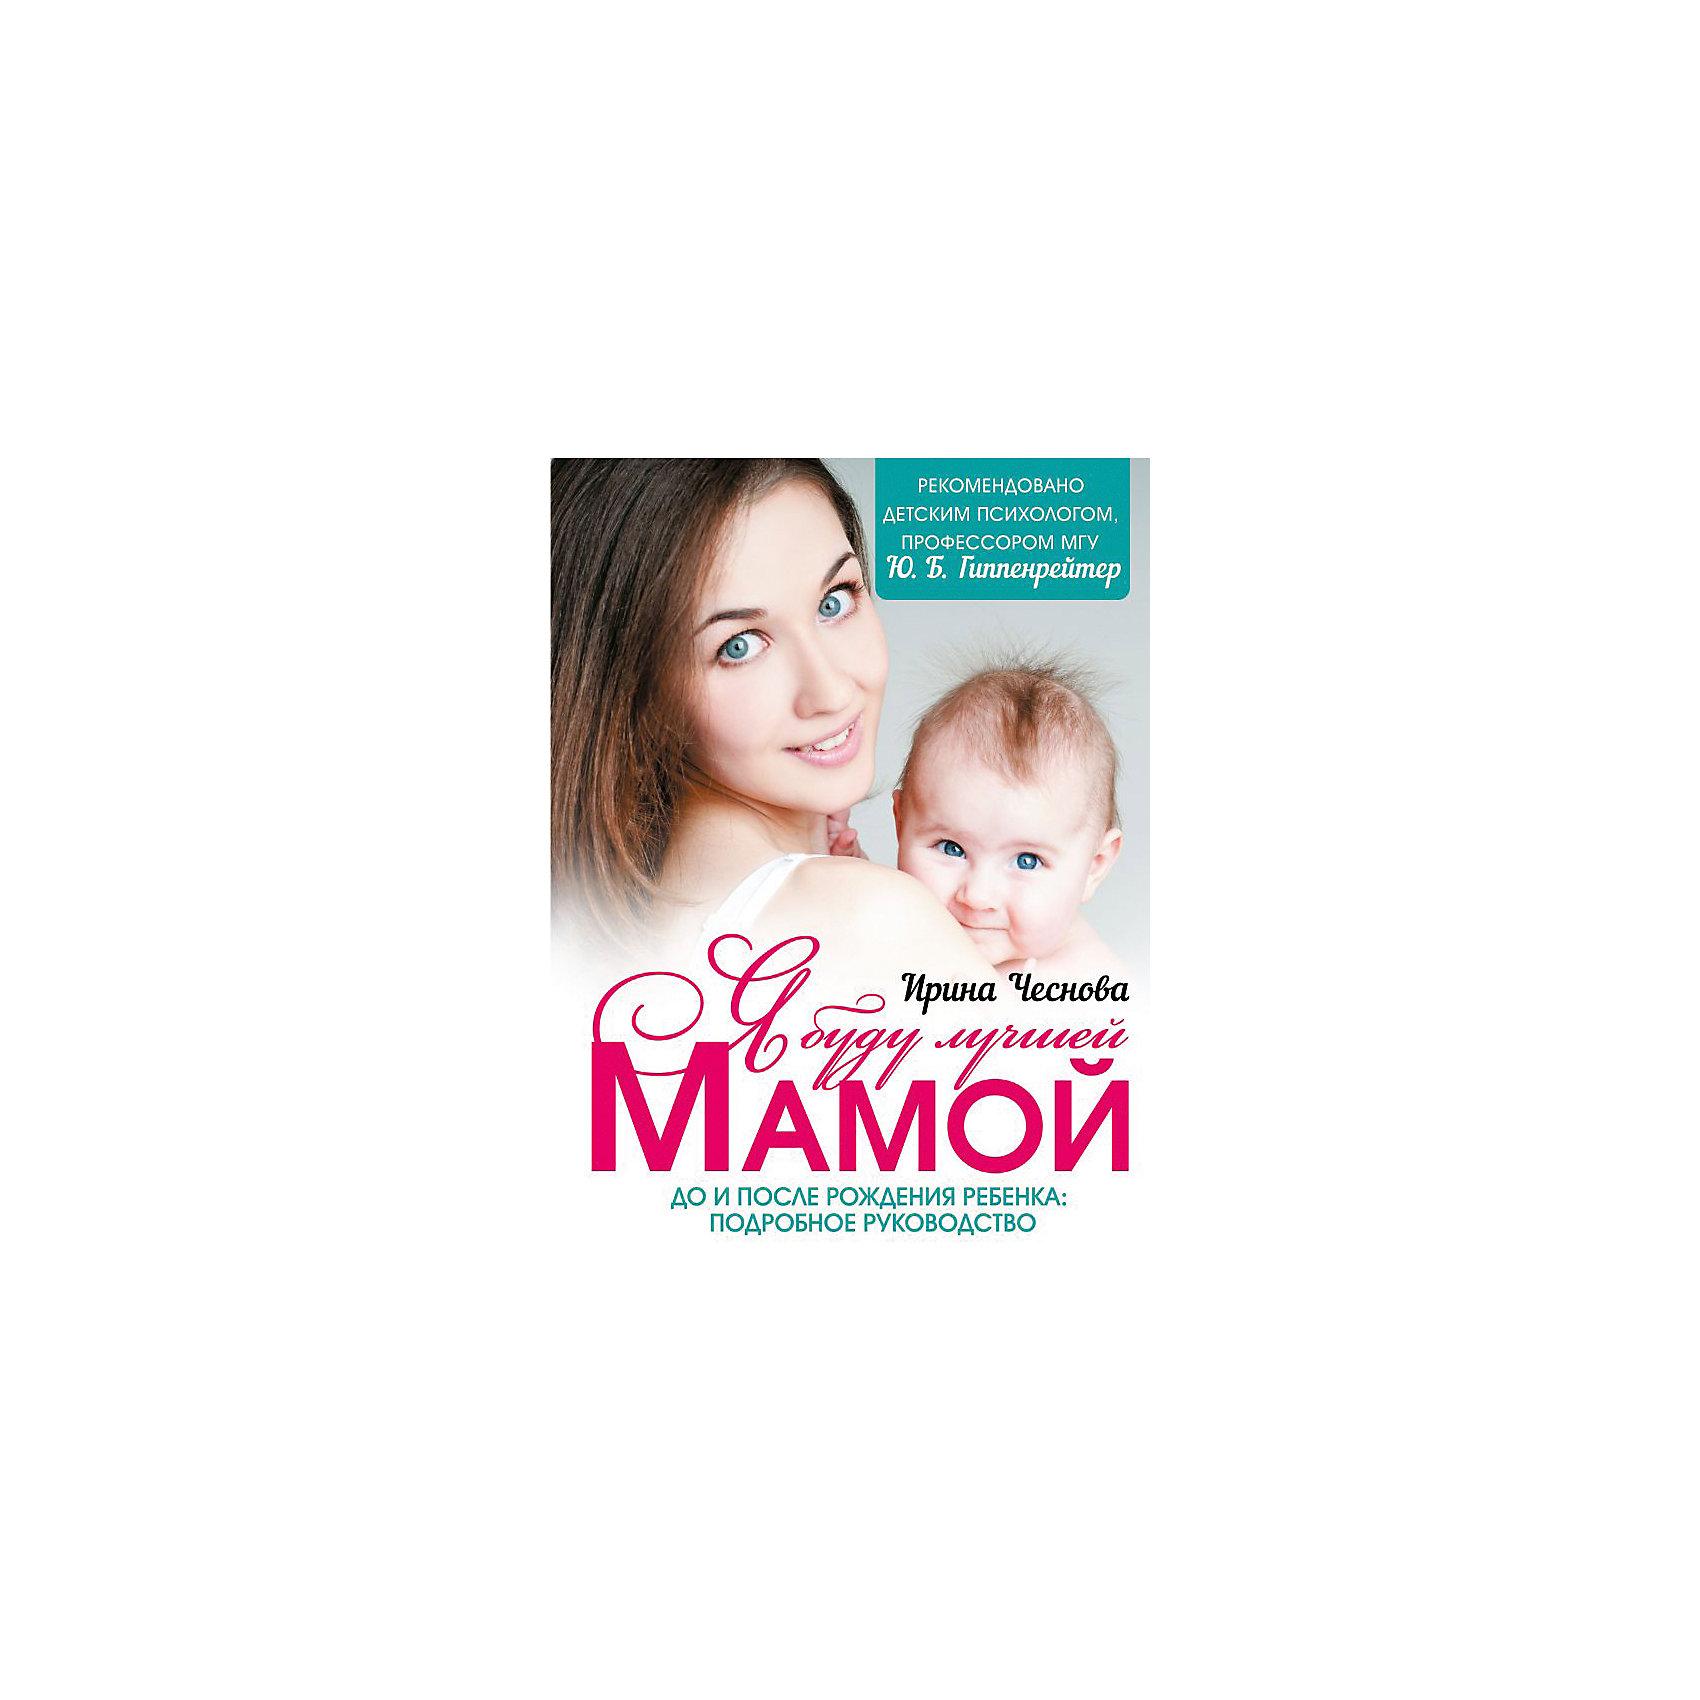 Я буду лучшей мамойБеременность, роды<br>Ожидание, рождение и первые годы жизни любимого малыша — совершенно особенное время, насыщенное самыми разными переживаниями и наполненное трепетом, нежностью, теплотой. Эта книга посвящена этому большому, значимому периоду, полному надежд, открытий, трудностей и тревог. Она содержит массу современной практической информации, которая так необходима каждой маме.<br>Первая часть книги доступно и красочно освещает все важнейшие вопросы, которые возникают у молодых родителей: что происходит с будущей мамой во время беременности, какие обследования нужно пройти и какие полезные приобретения сделать, как растет малыш в утробе, чем его и себя поддержать, как питаться, справляться со стрессами и недомоганиями, ухаживать за собой, как помочь себе в родах и сохранить взаимопонимание в семье.<br>Вторая часть книги посвящена первым годам жизни ребенка. В ней подробно рассказывается, как о нем заботиться, чем кормить, как общаться, развивать и в какие игры играть, как наладить с ним надежную, прочную связь, научиться понимать его потребности, одновременно веря в свои силы и в то, что вы все делаете правильно.<br>С этой книгой вы убедитесь, что вы — лучшие родители на свете. Лучшие — для своего ребенка.<br><br>Ширина мм: 280<br>Глубина мм: 210<br>Высота мм: 100<br>Вес г: 1013<br>Возраст от месяцев: 216<br>Возраст до месяцев: 2147483647<br>Пол: Унисекс<br>Возраст: Детский<br>SKU: 6848337